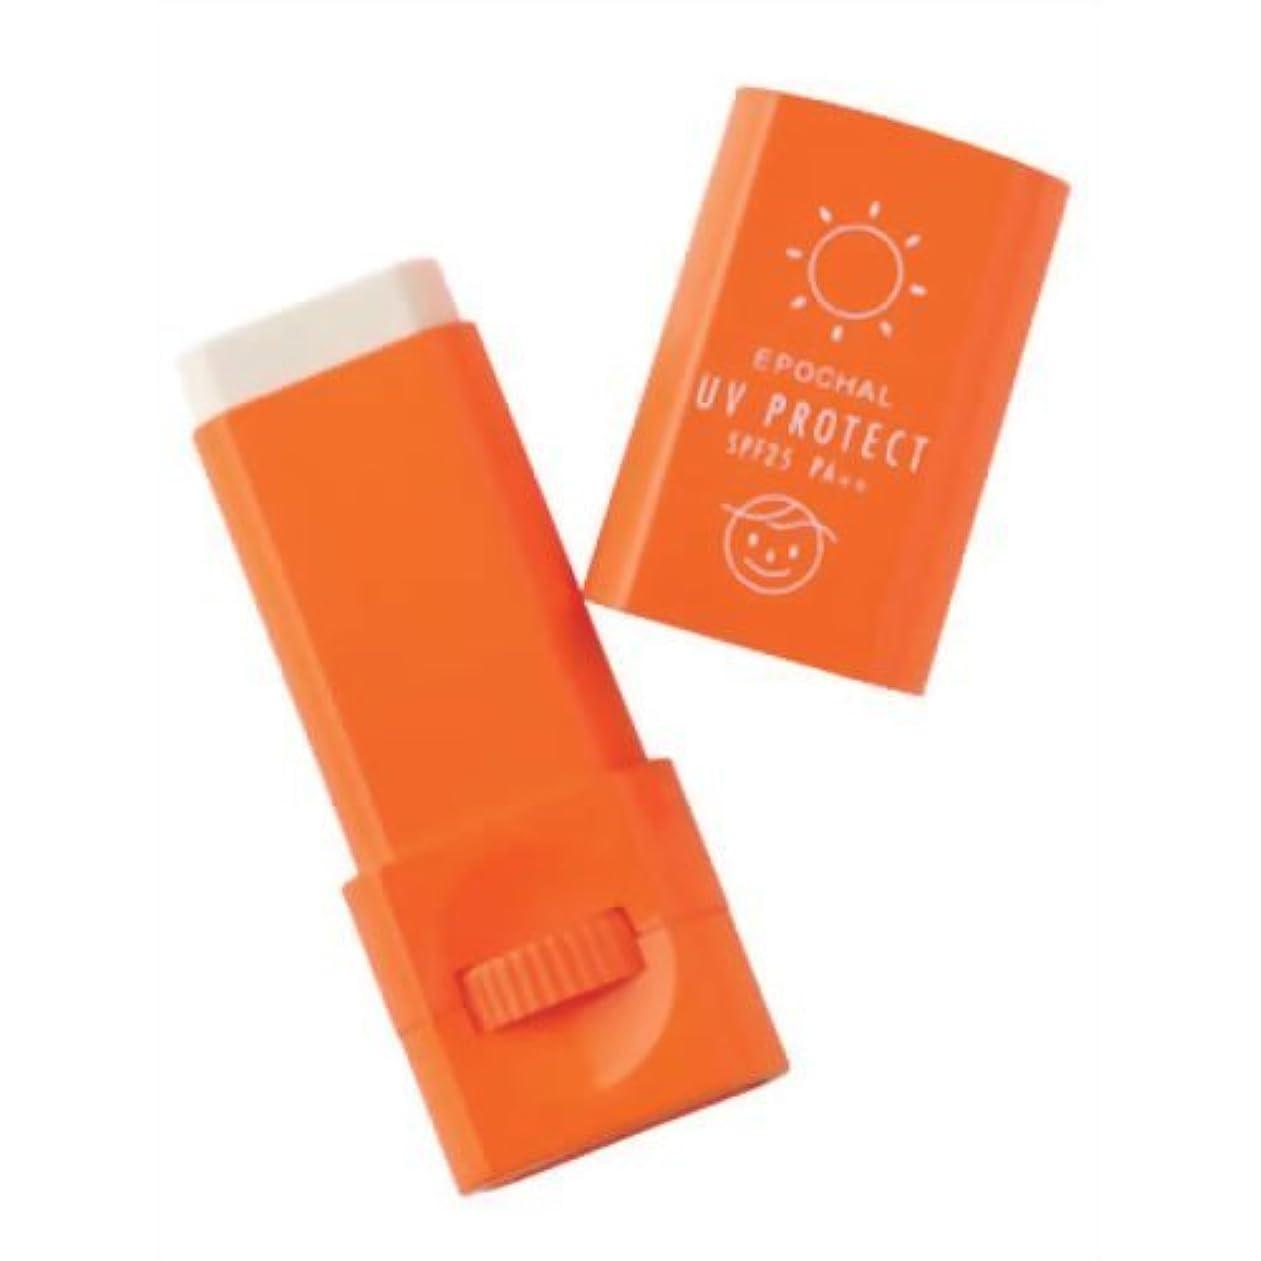 ガス安全な信頼性のあるルバンシュ エポカル UVプロテクト 9.5g